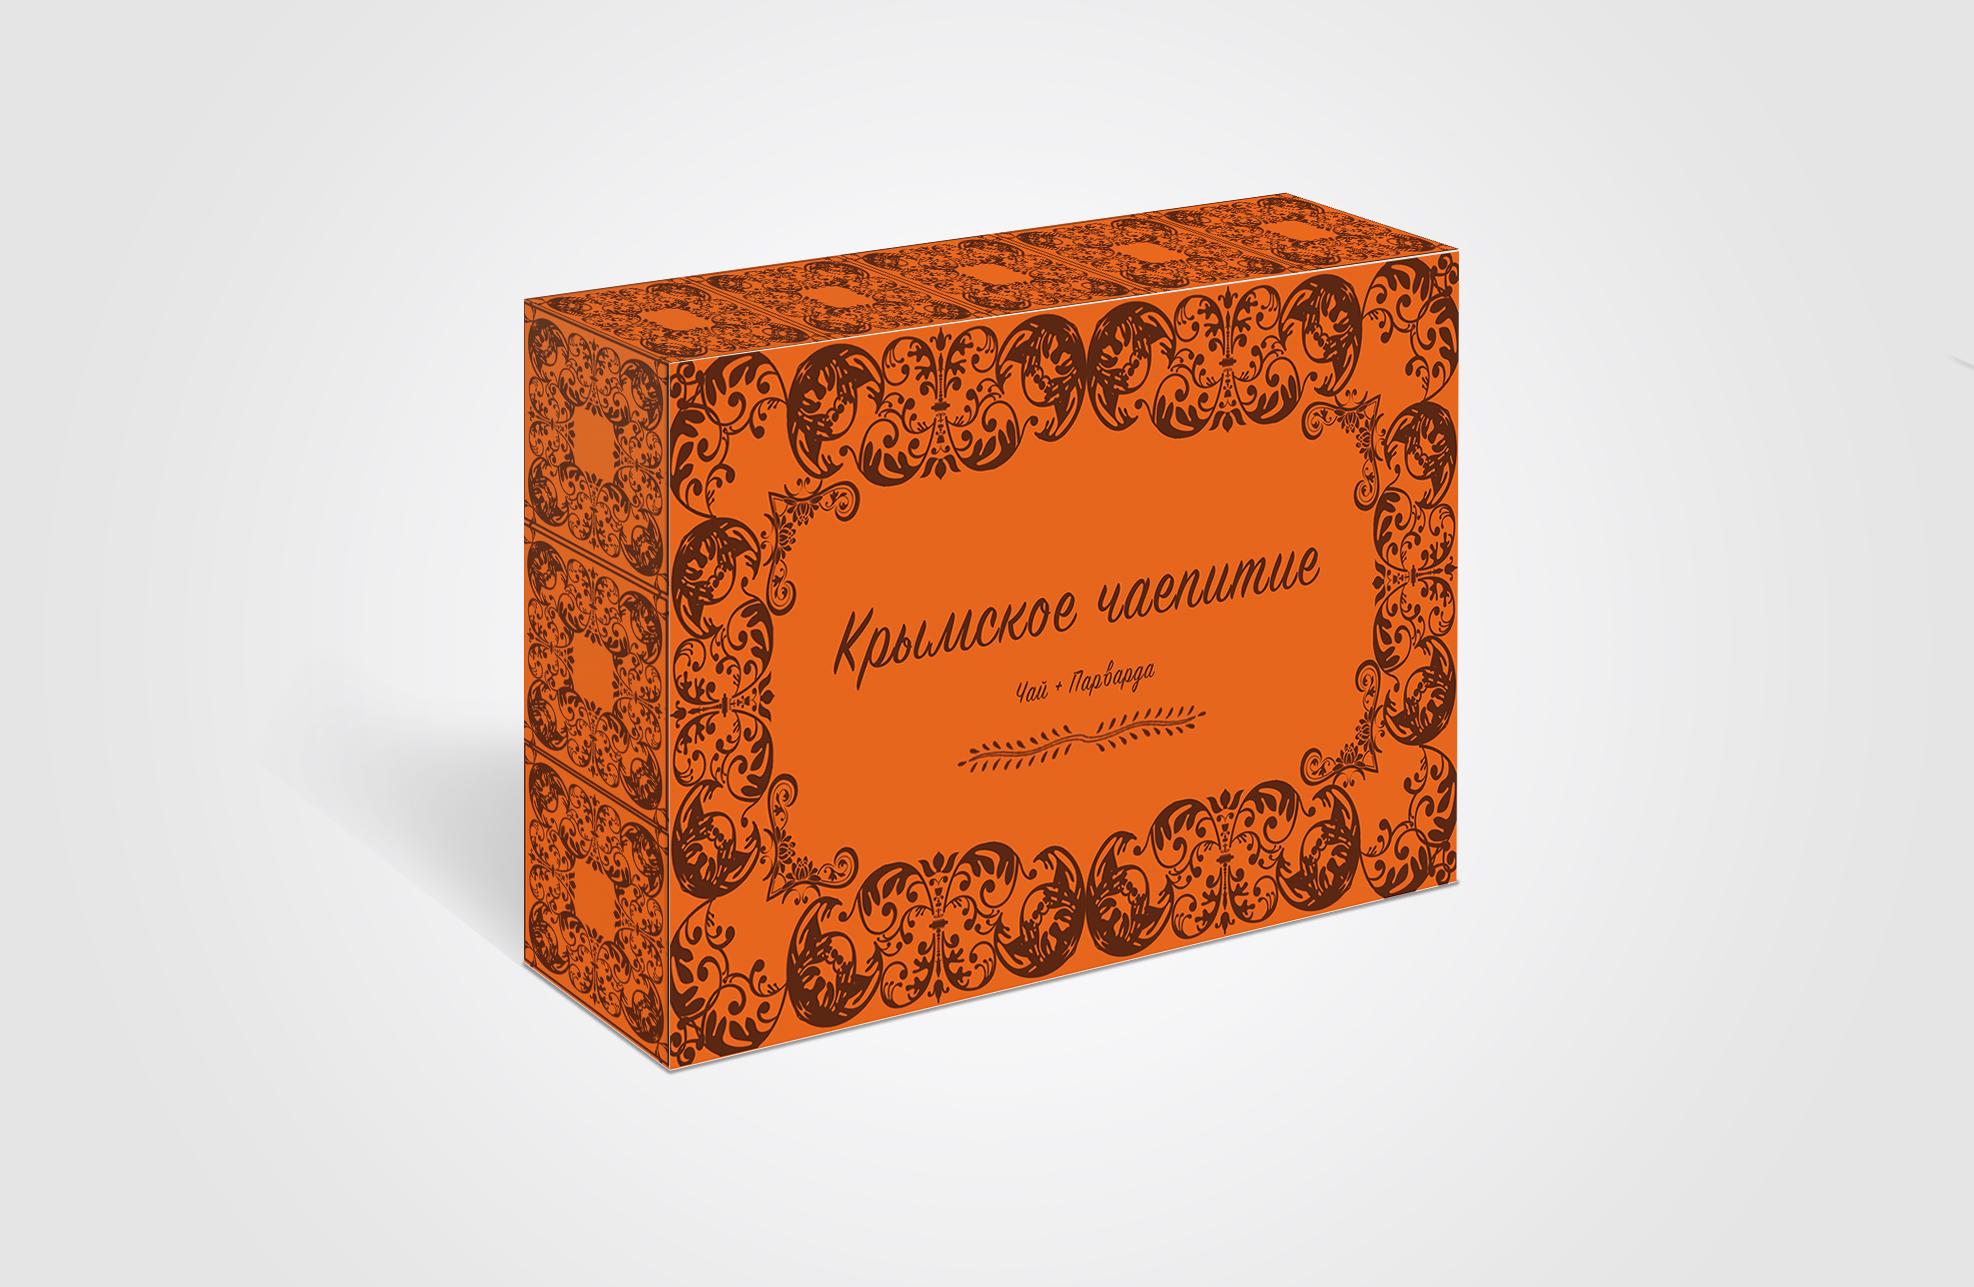 Дизайн коробки сувенирной  чай+парварда (подарочный набор) фото f_0595a536204aad00.jpg